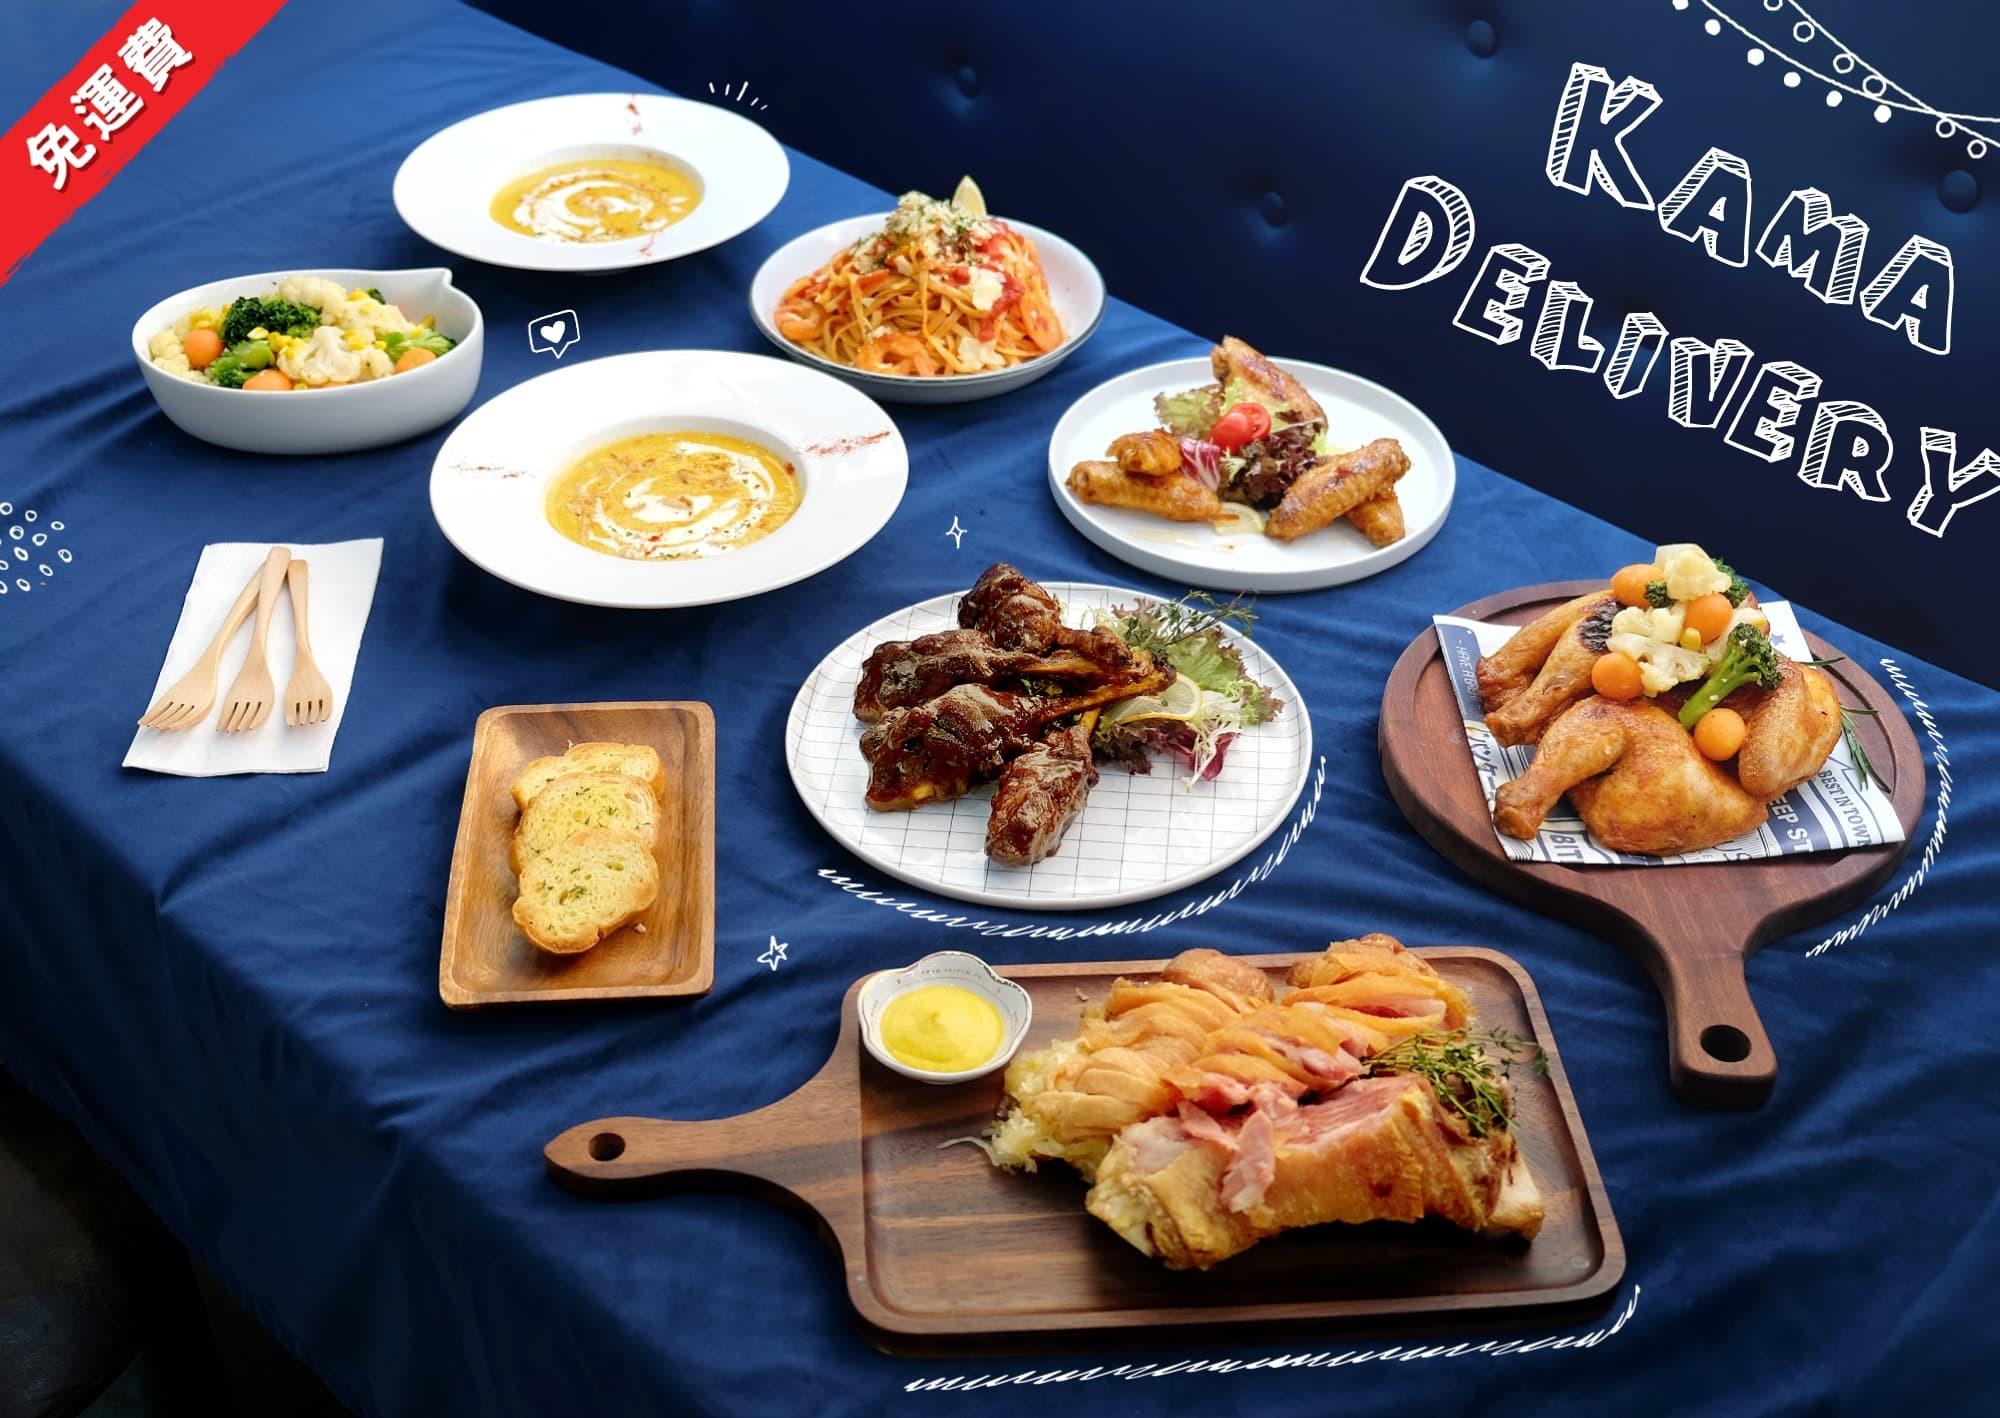 78人外賣套餐預訂|Kama Delivery為大型Party製作各款特色食品,並可為你的派對度身訂造個性化Menu及按人數調整美食份量。